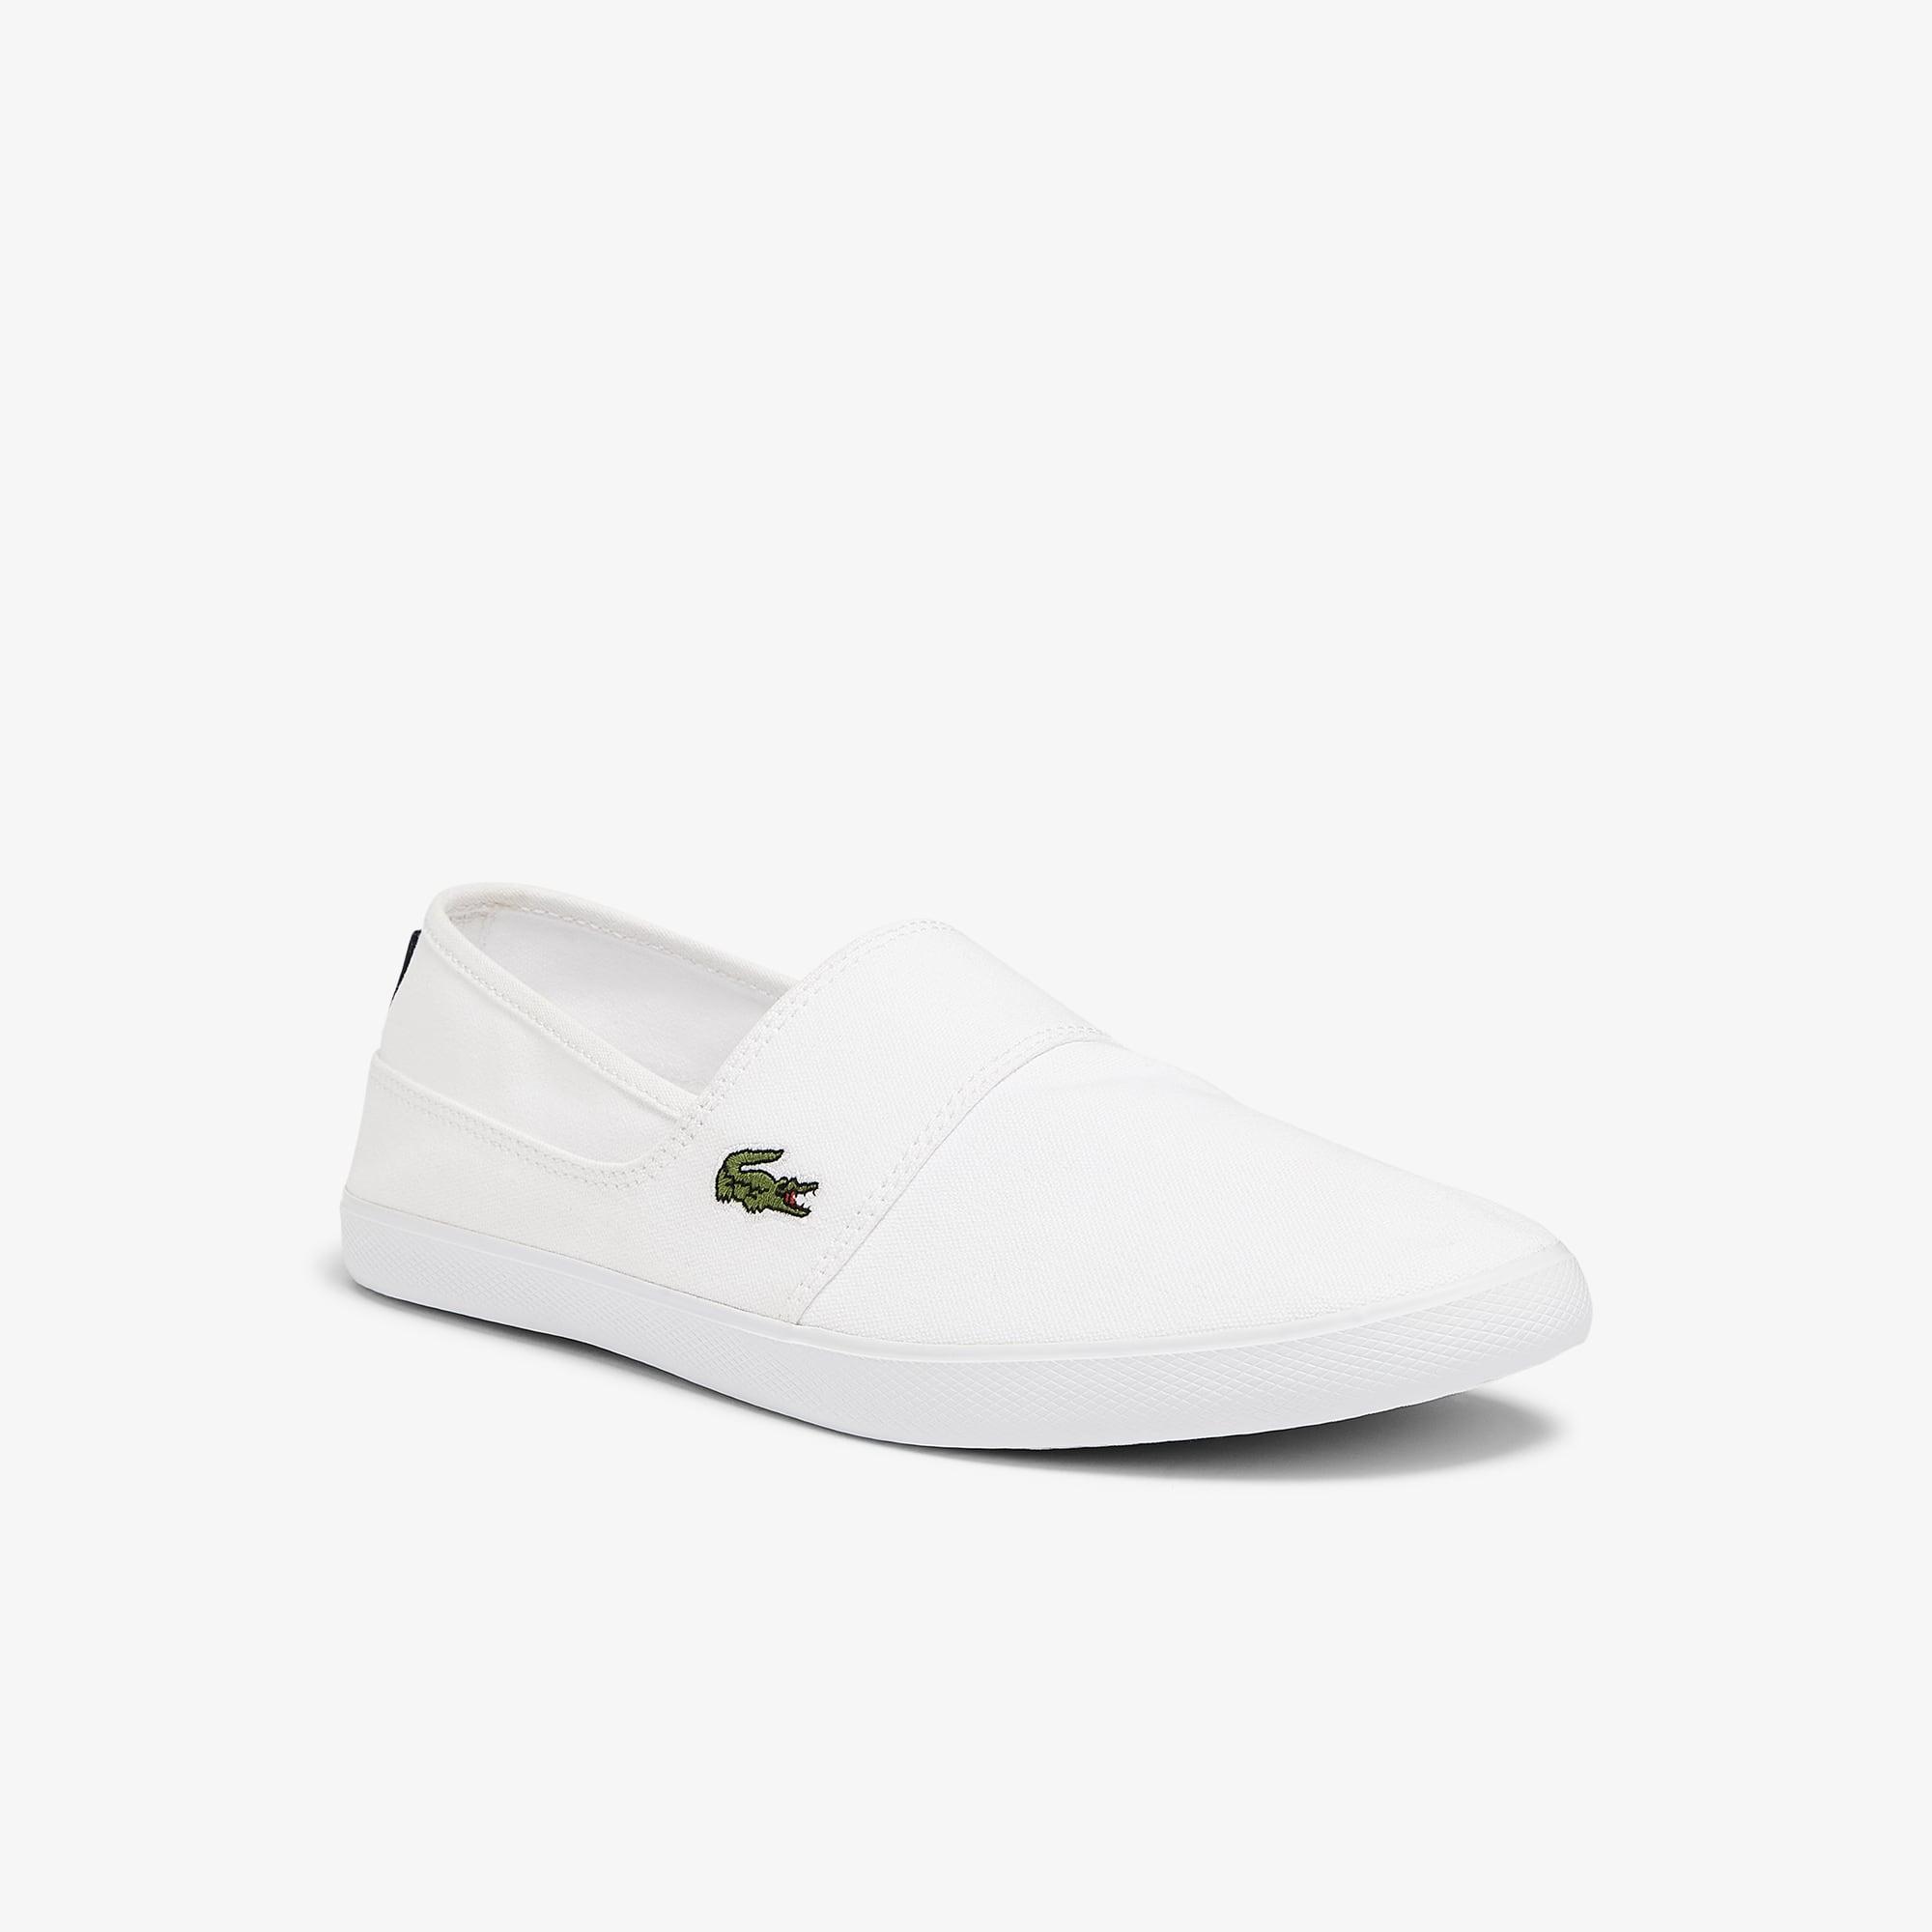 Colour : White